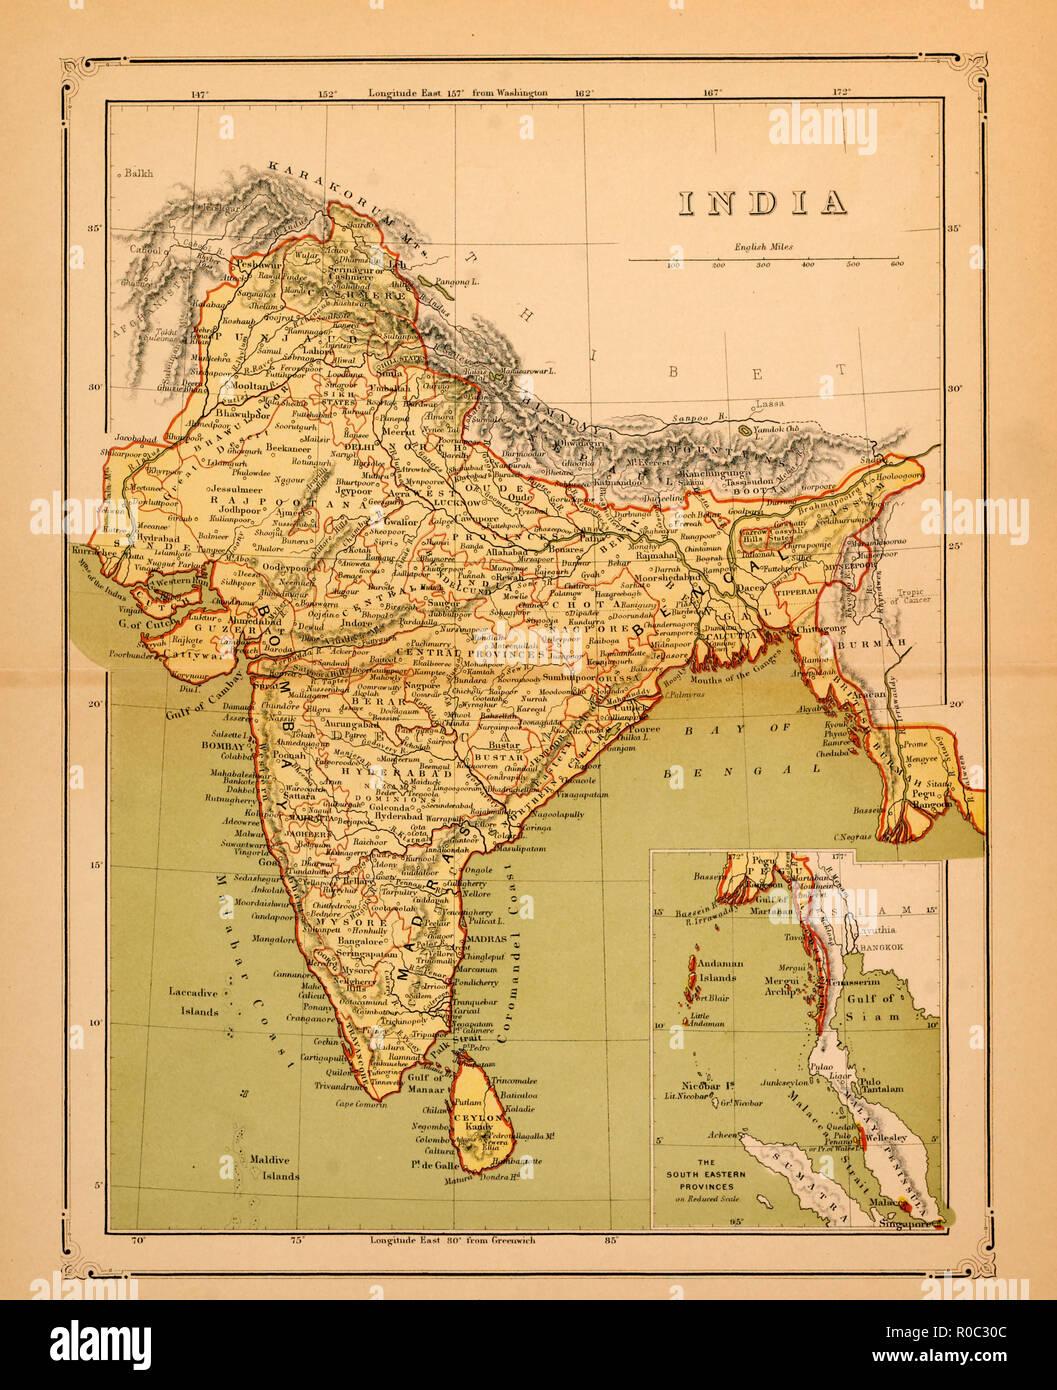 Carte De Linde En 1900.Carte De L Inde Debut De 1900 Banque D Images Photo Stock